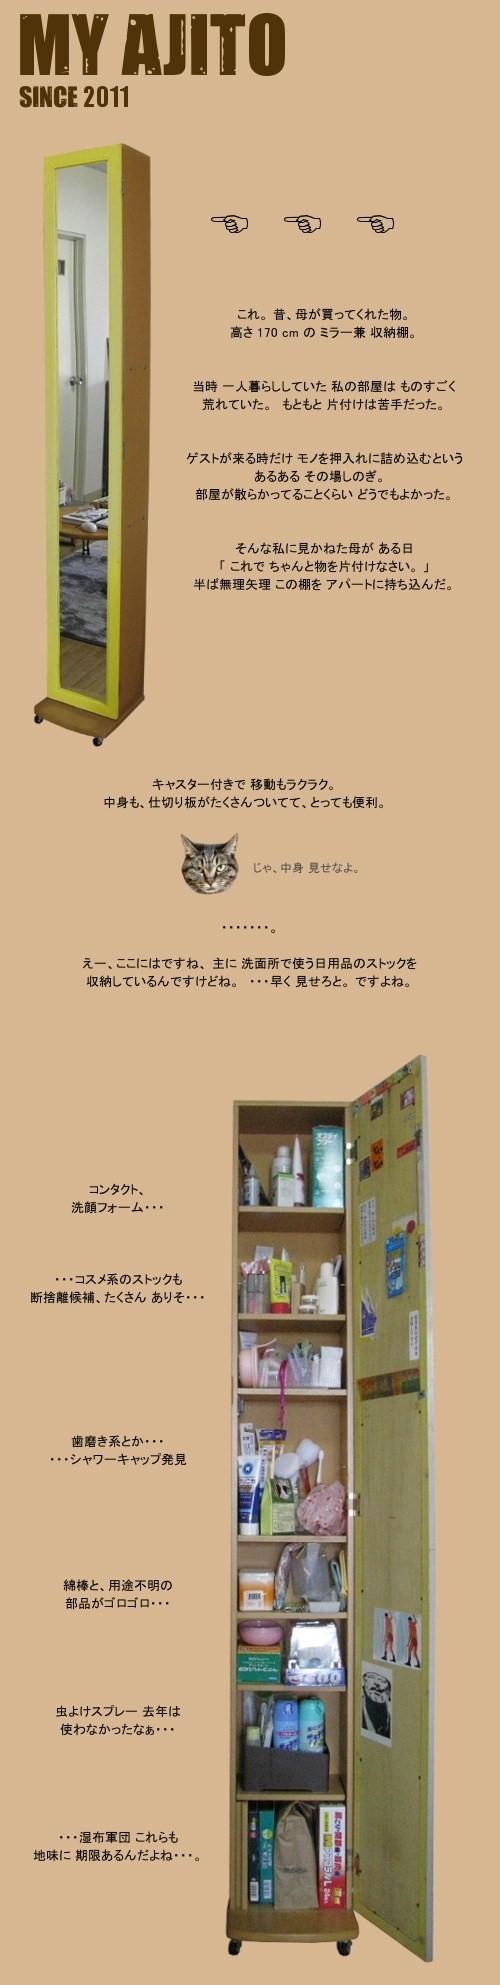 mira_1.jpg